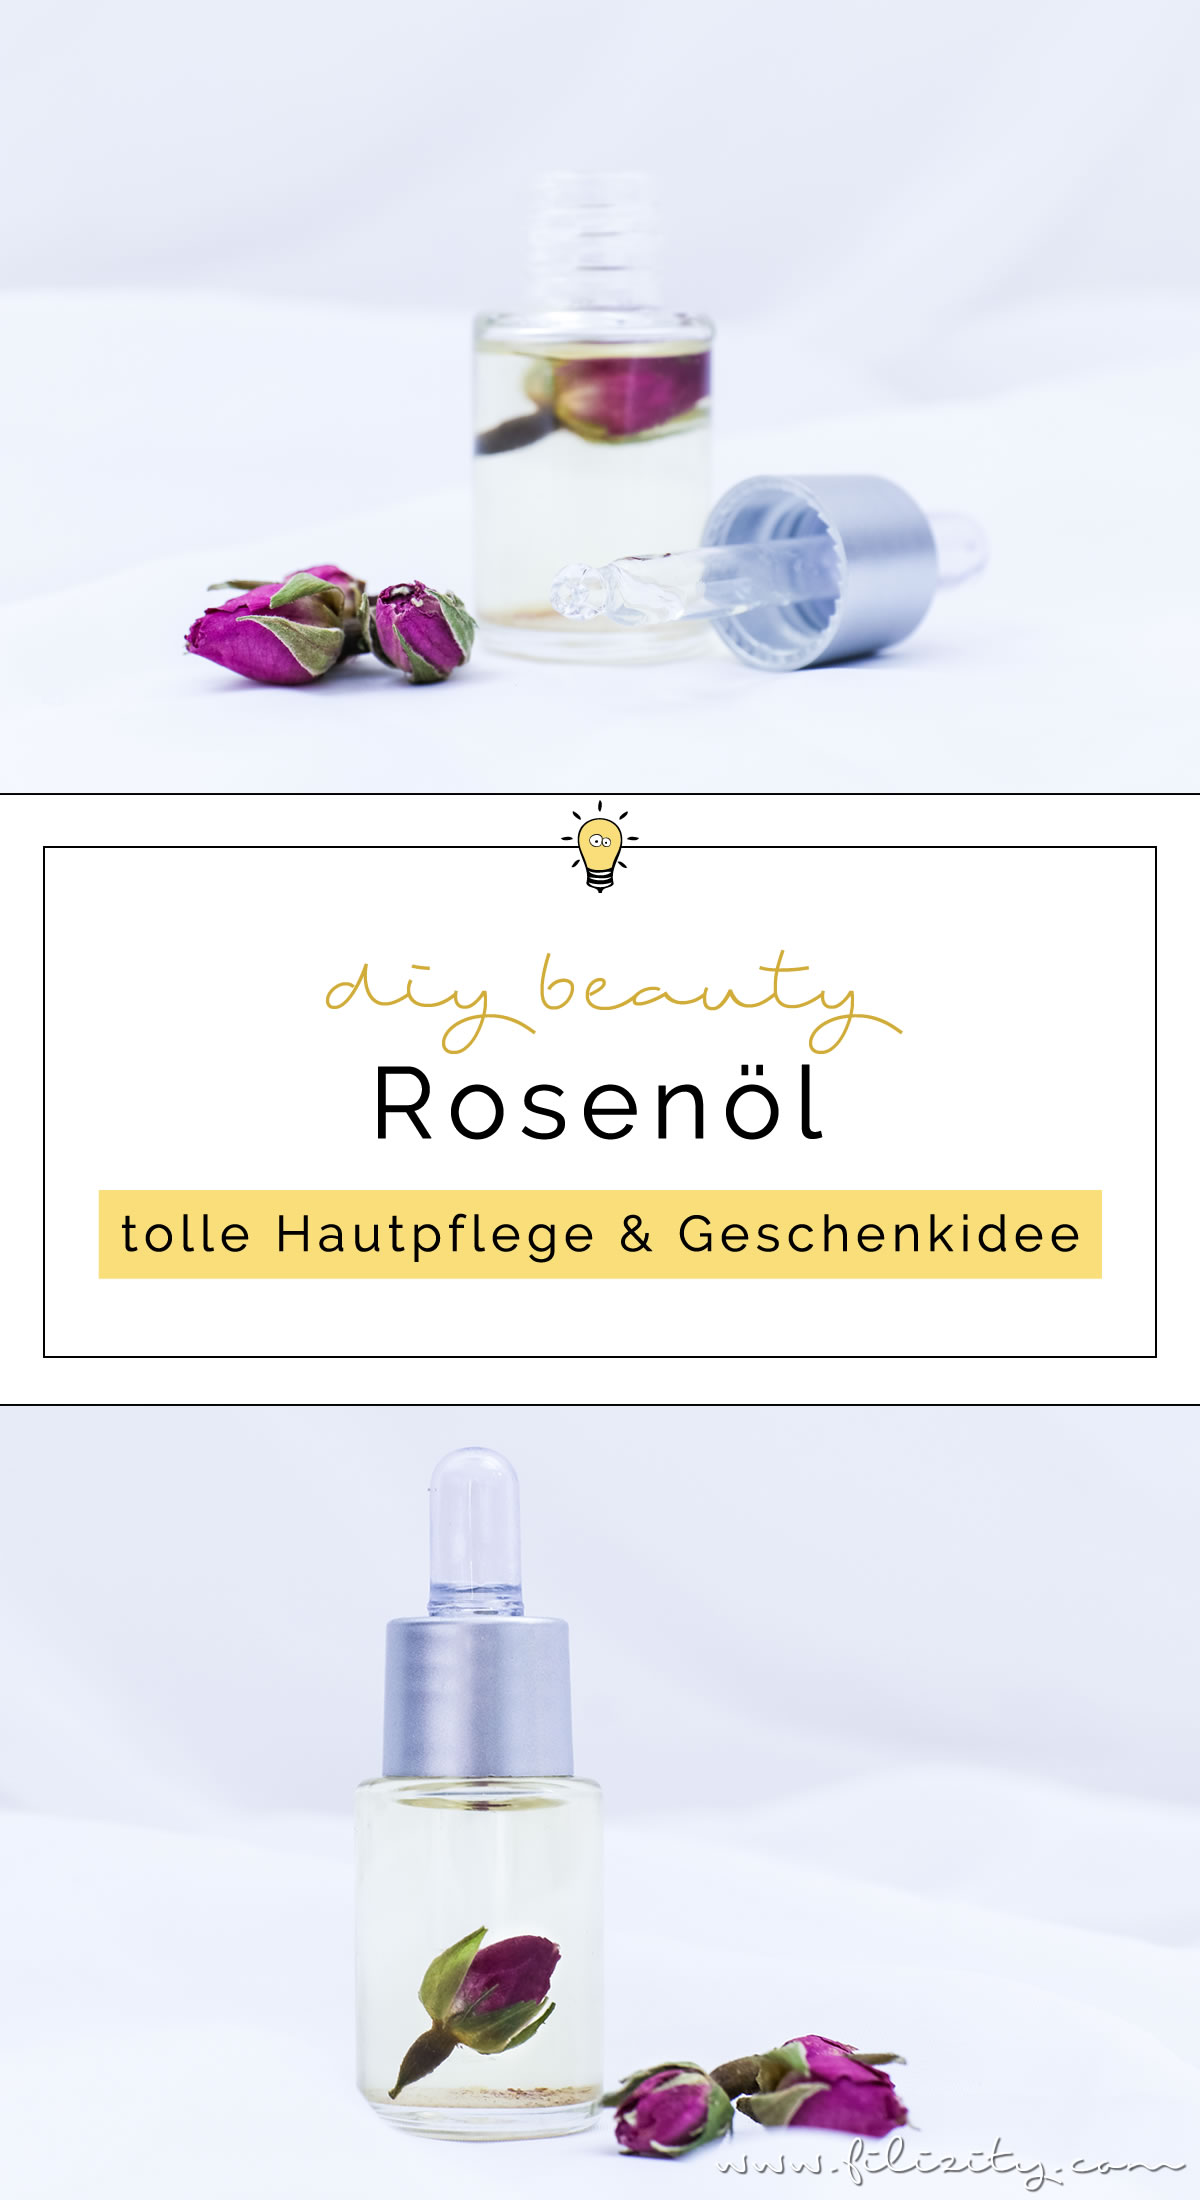 Rosenöl selber machen - DIY Hautpflege & Geschenkidee für Valentinstag | Naturkosmetik selber machen | Filizity.com | Beauty- & DIY-Blog aus dem Rheinland #valentinstag #geschenkidee #muttertag